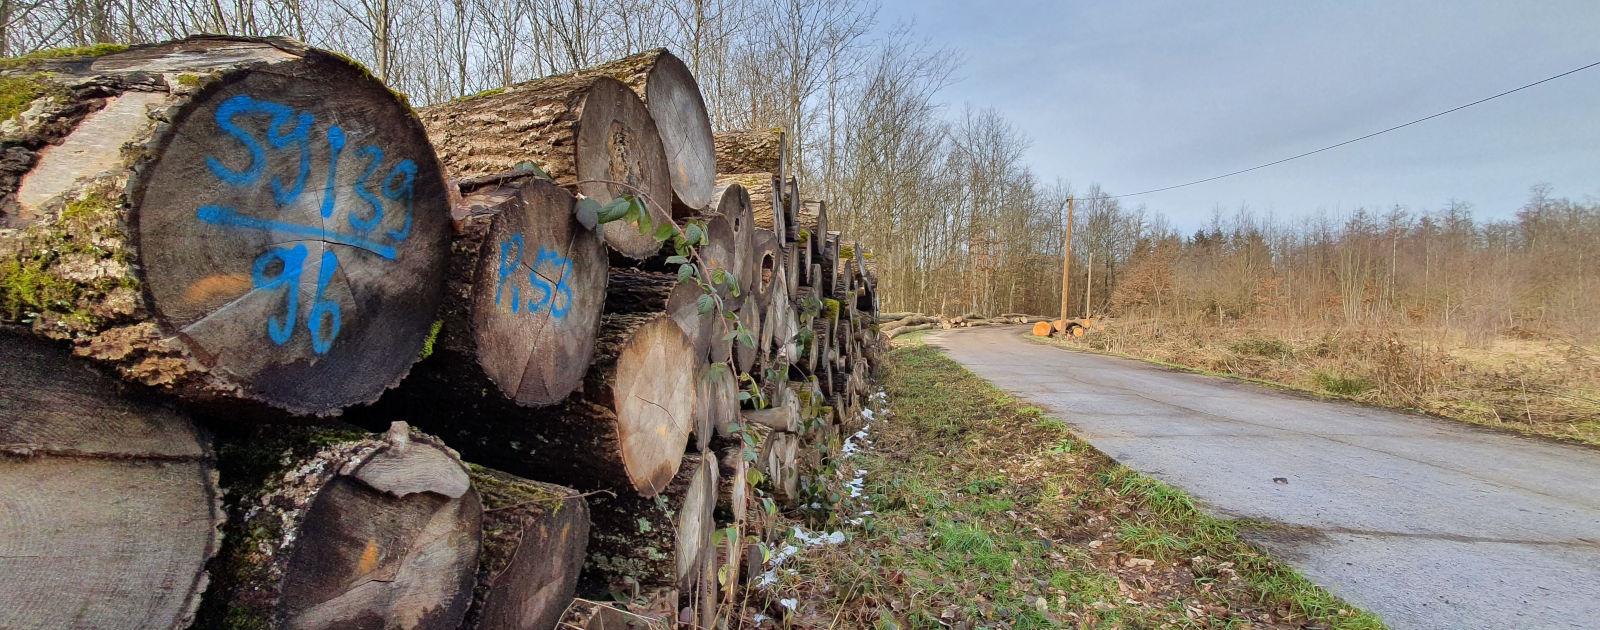 Holz gelagert am Wegrand im Wald